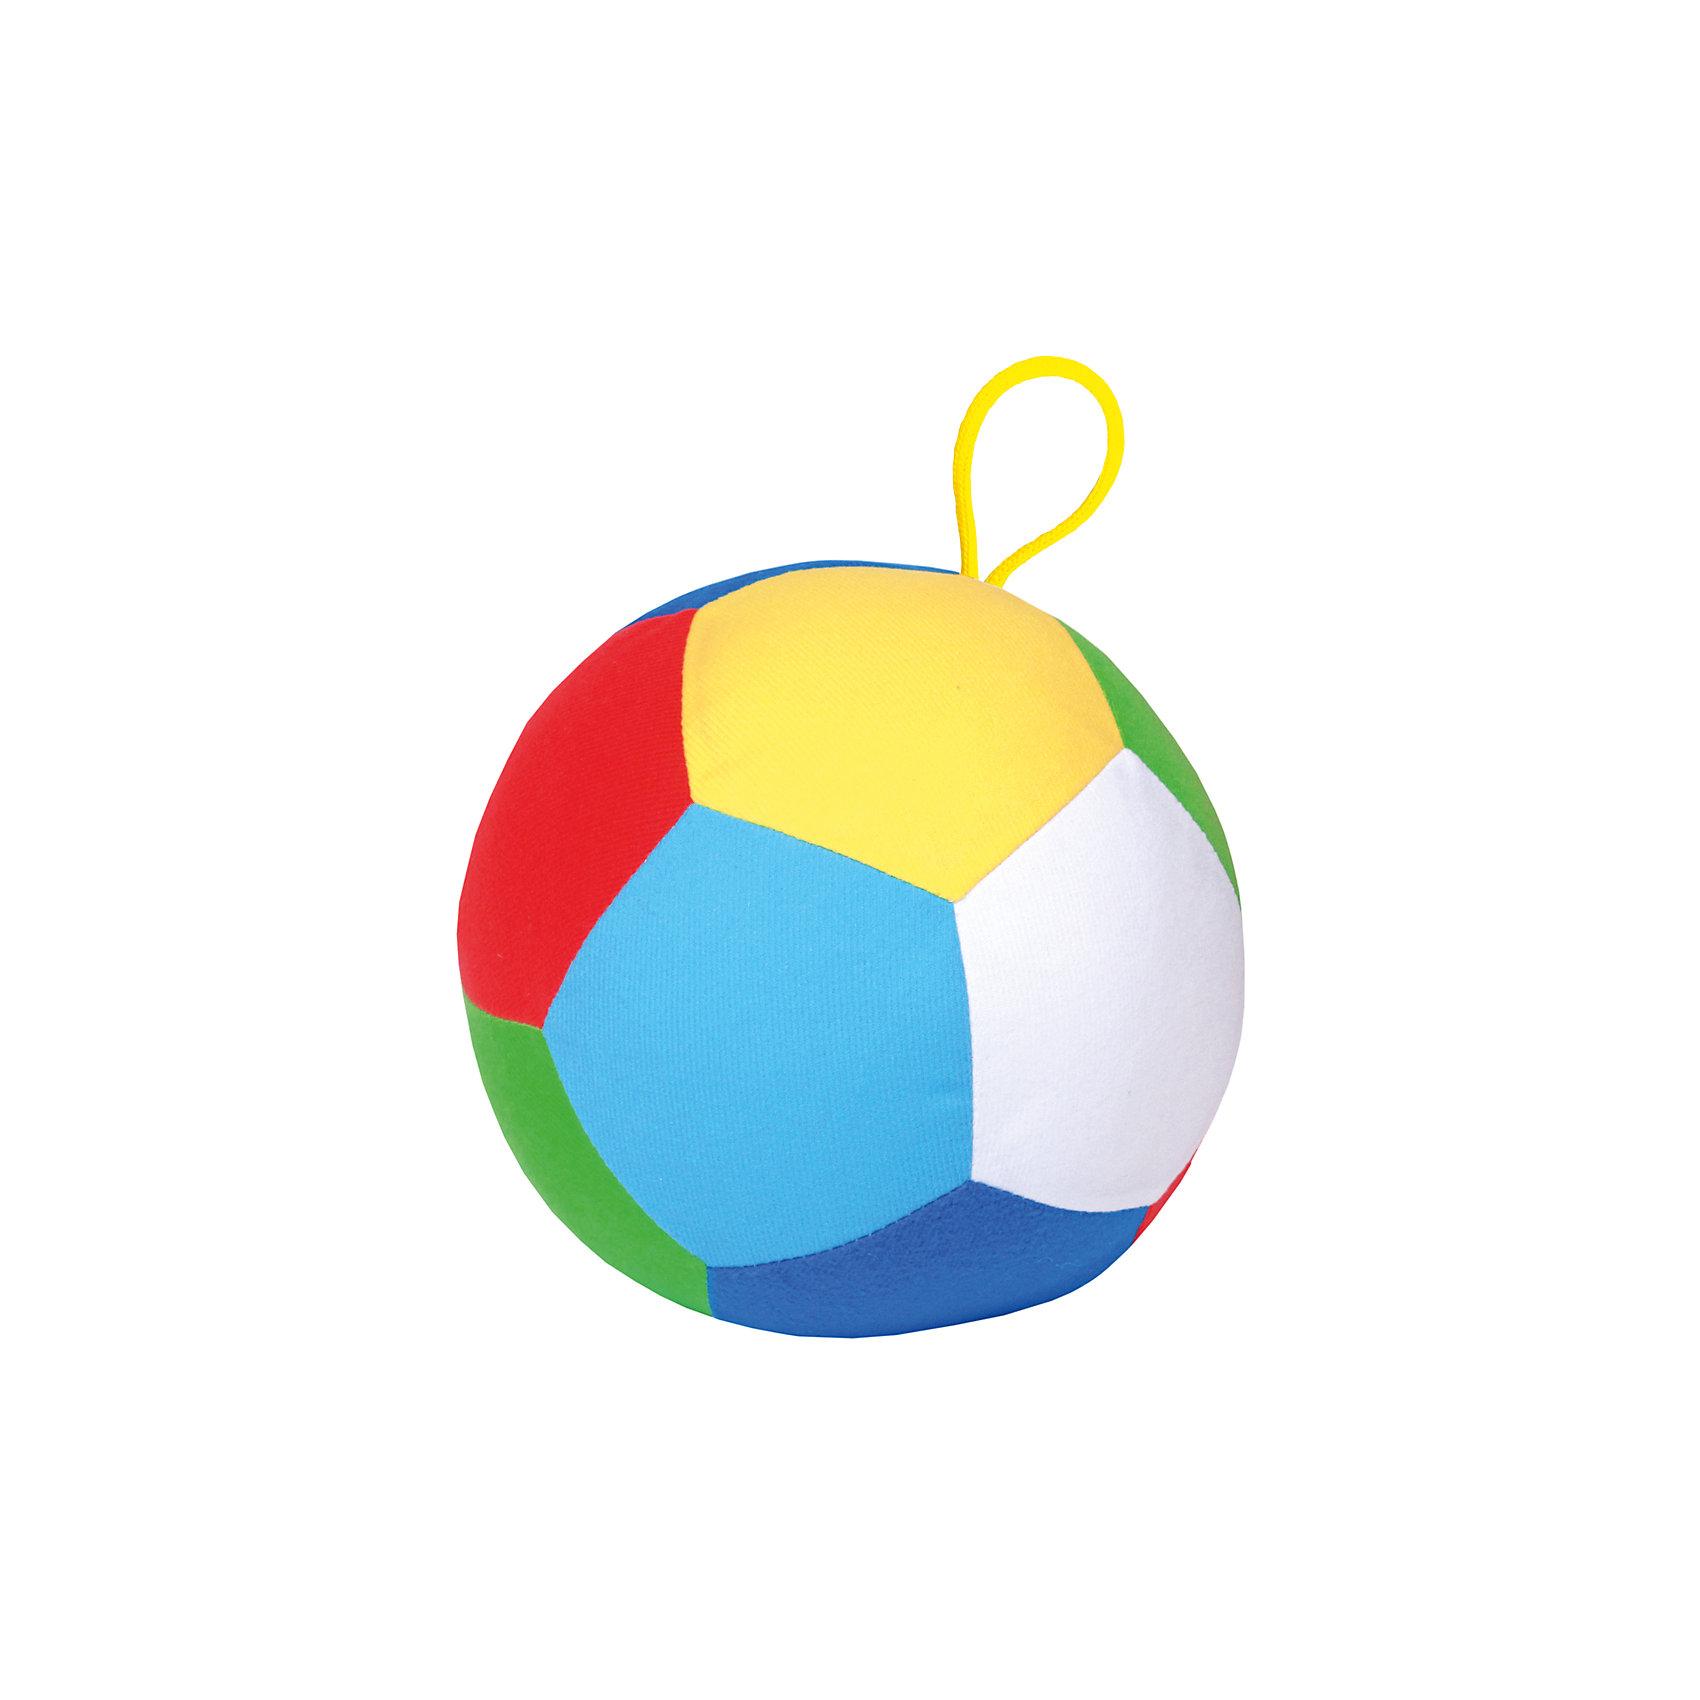 Мячик Футбол, МякишиМягкие игрушки<br>Характеристики товара:<br><br>• цвет: разноцветный<br>• материал: трикотаж, холлофайбер<br>• комплектация: 1 шт<br>• размер игрушки: 17 см<br>• размер упаковки: 17 см<br>• развивающая игрушка<br>• упаковка: пакет<br>• страна бренда: РФ<br>• страна изготовитель: РФ<br><br>Малыши активно познают мир и тянутся к новой информации. Чтобы сделать процесс изучения окружающего пространства интереснее, ребенку можно подарить развивающие игрушки. В процессе игры информация усваивается намного лучше!<br>Такие мячики помогут занять малыша, играть ими приятно и весело. Одновременно они позволят познакомиться с разными цветами и геометрическими формами. Такие игрушки развивают тактильные ощущения, моторику, цветовосприятие, логику, воображение, учат фокусировать внимание. Каждое изделие абсолютно безопасно – оно создано из качественной ткани с мягким наполнителем. Игрушки производятся из качественных и проверенных материалов, которые безопасны для детей.<br><br>Мячик Футбол от бренда Мякиши можно купить в нашем интернет-магазине.<br><br>Ширина мм: 180<br>Глубина мм: 180<br>Высота мм: 180<br>Вес г: 90<br>Возраст от месяцев: 12<br>Возраст до месяцев: 36<br>Пол: Унисекс<br>Возраст: Детский<br>SKU: 5183160